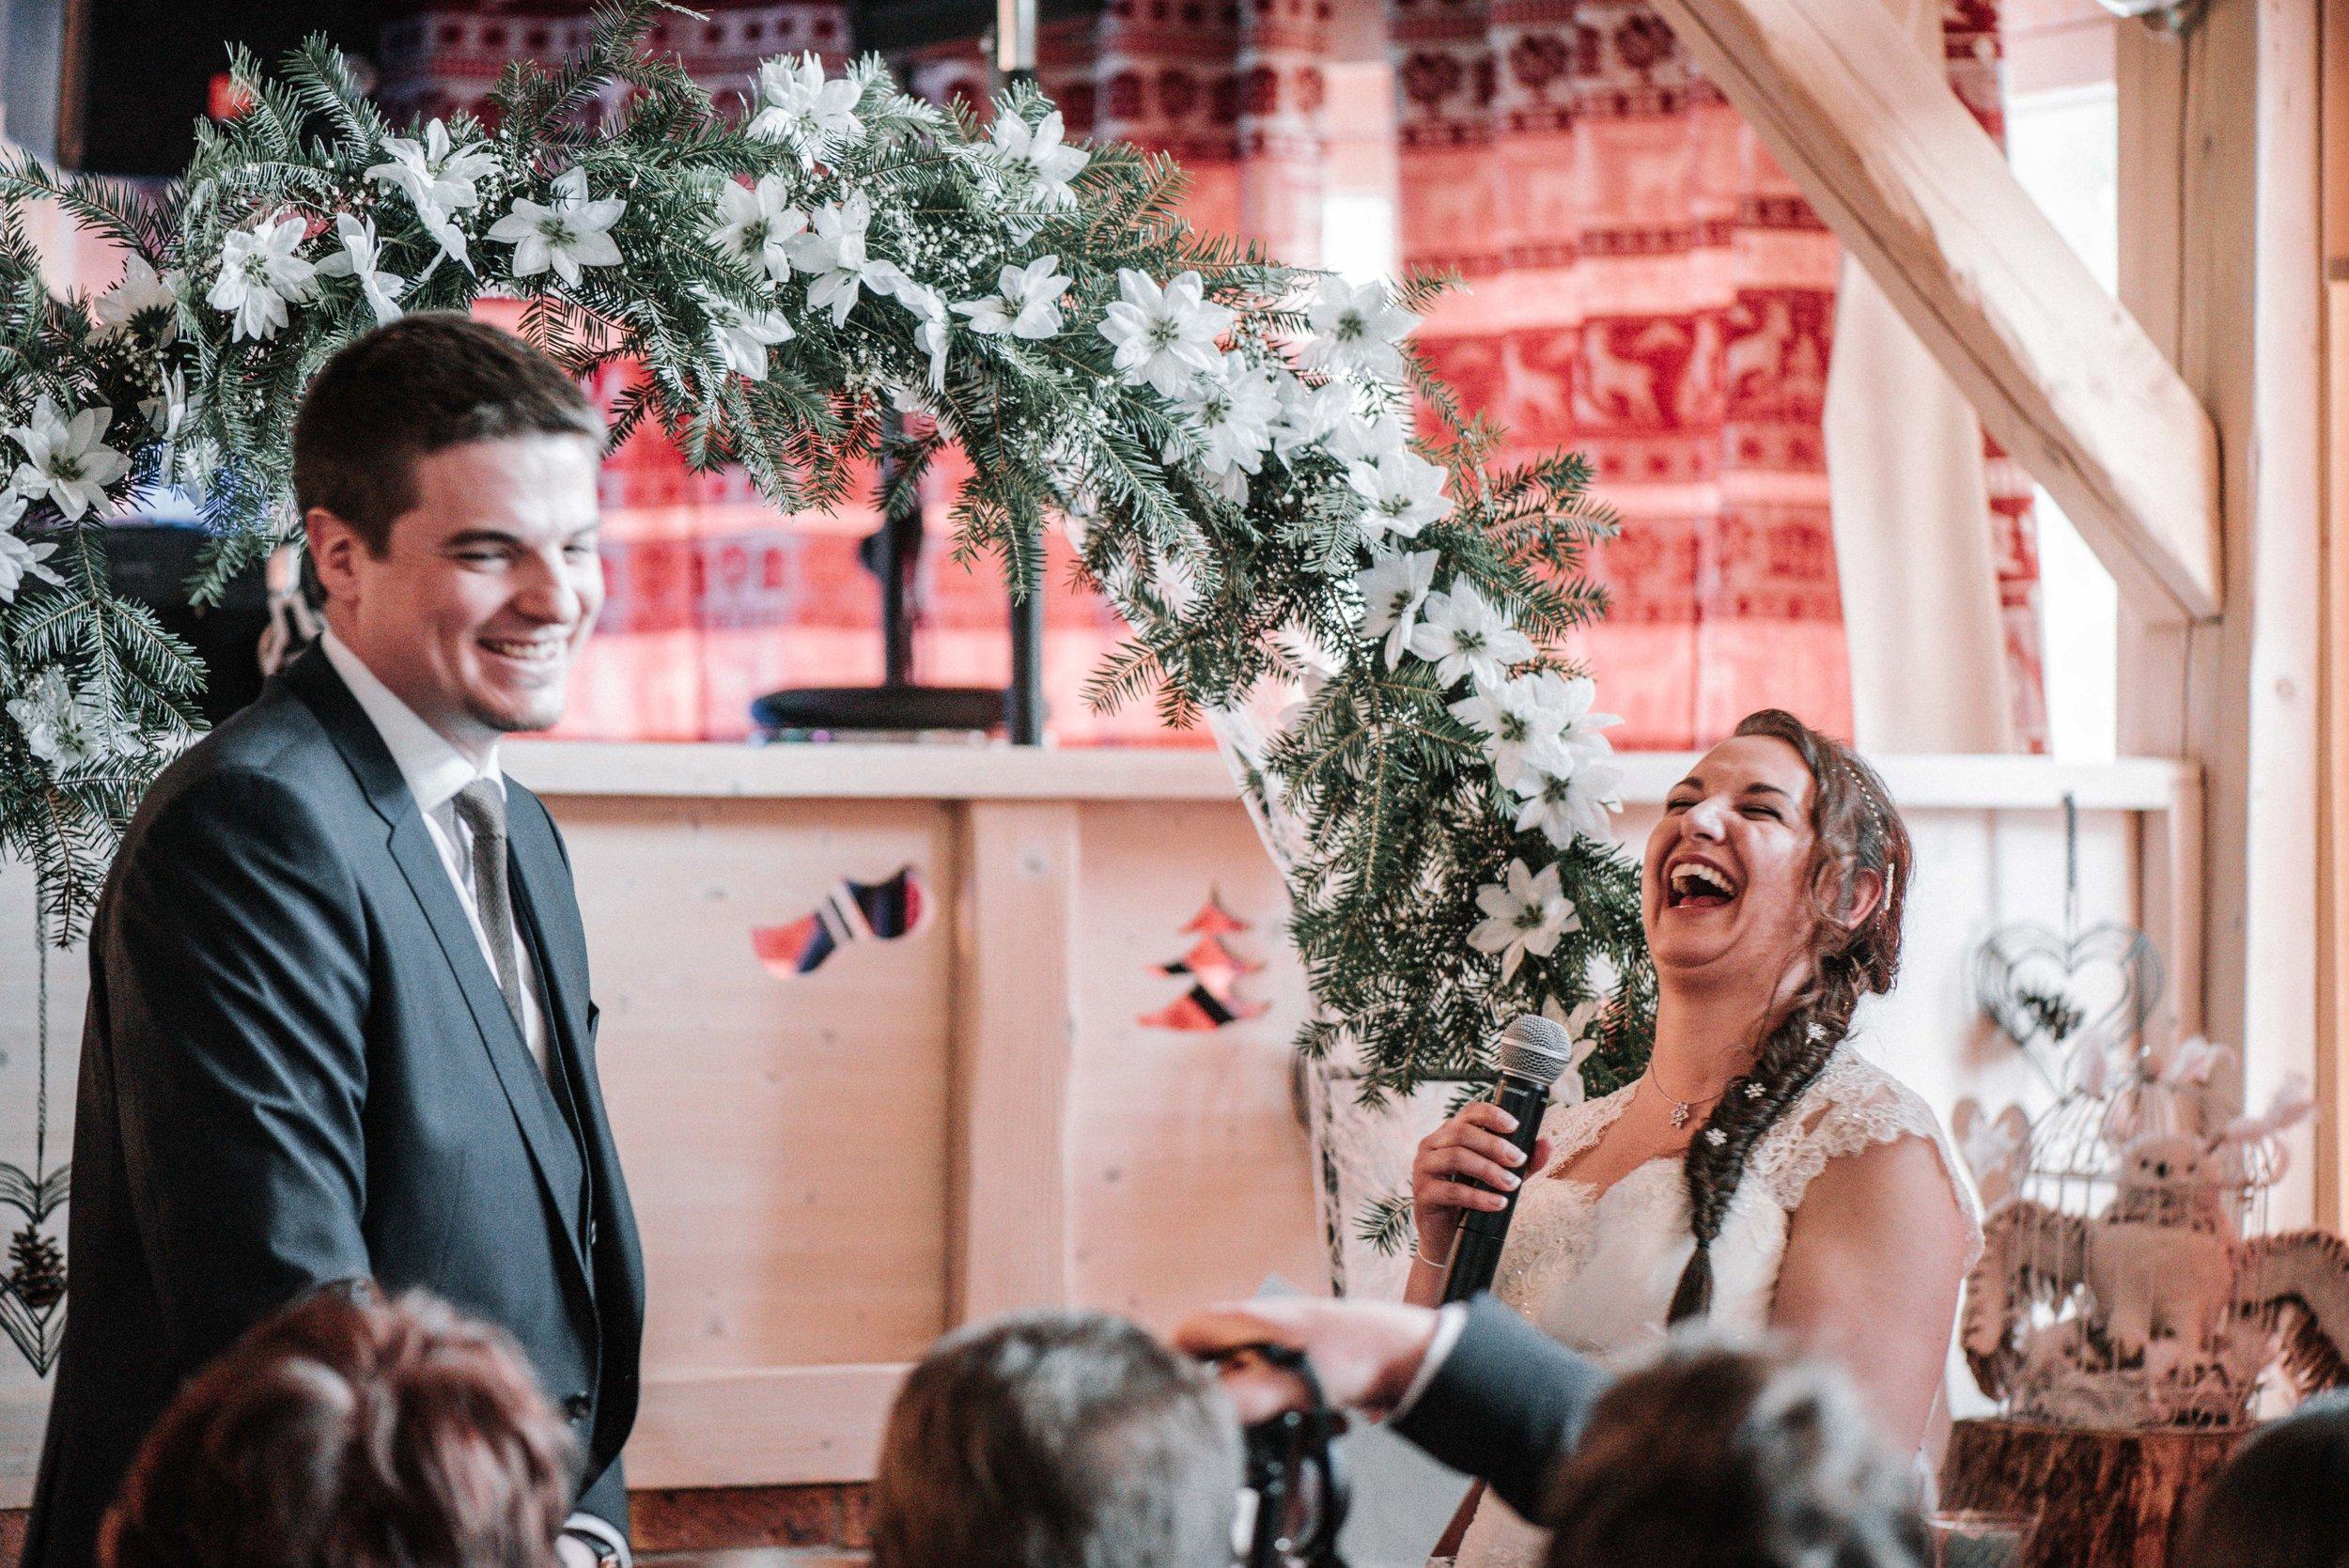 Léa-Fery-photographe-professionnel-lyon-rhone-alpes-portrait-mariage-couple-amour-lovesession-engagement-elopment-2846.jpg